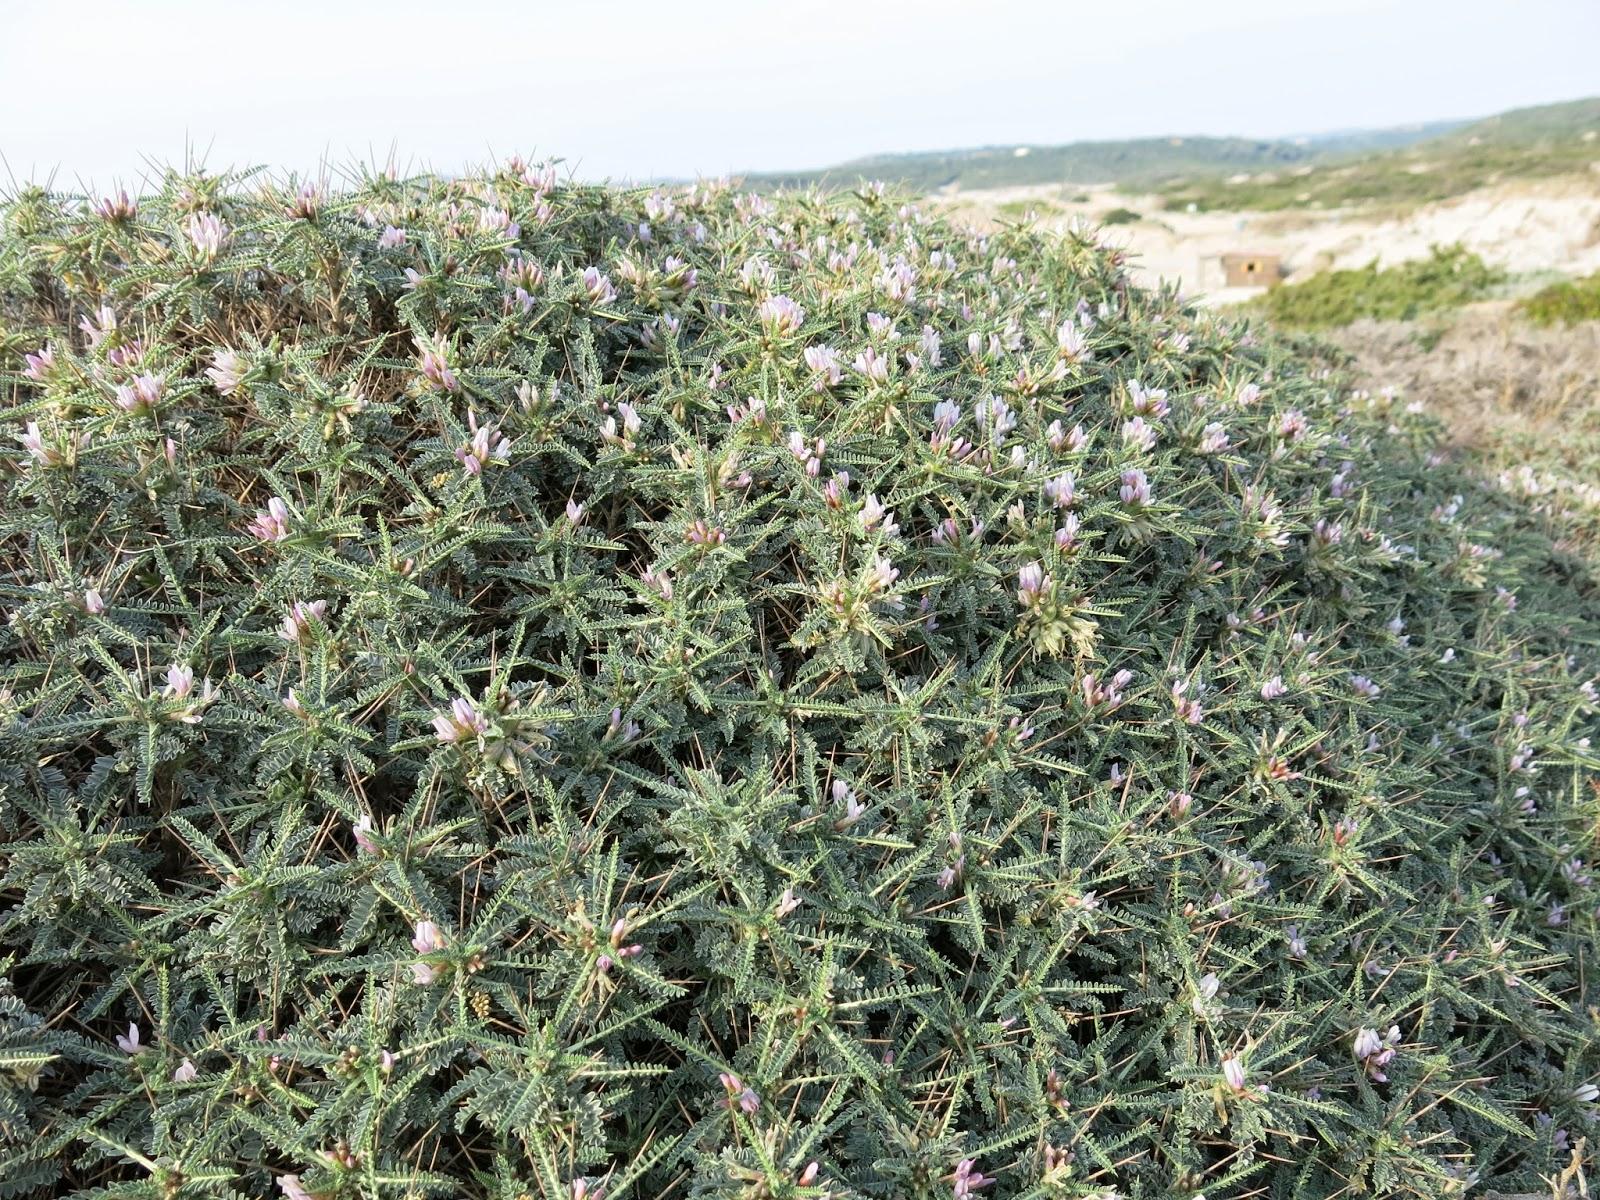 Giardini in gallura astragalus piante per il giardino - Piante per giardino ...